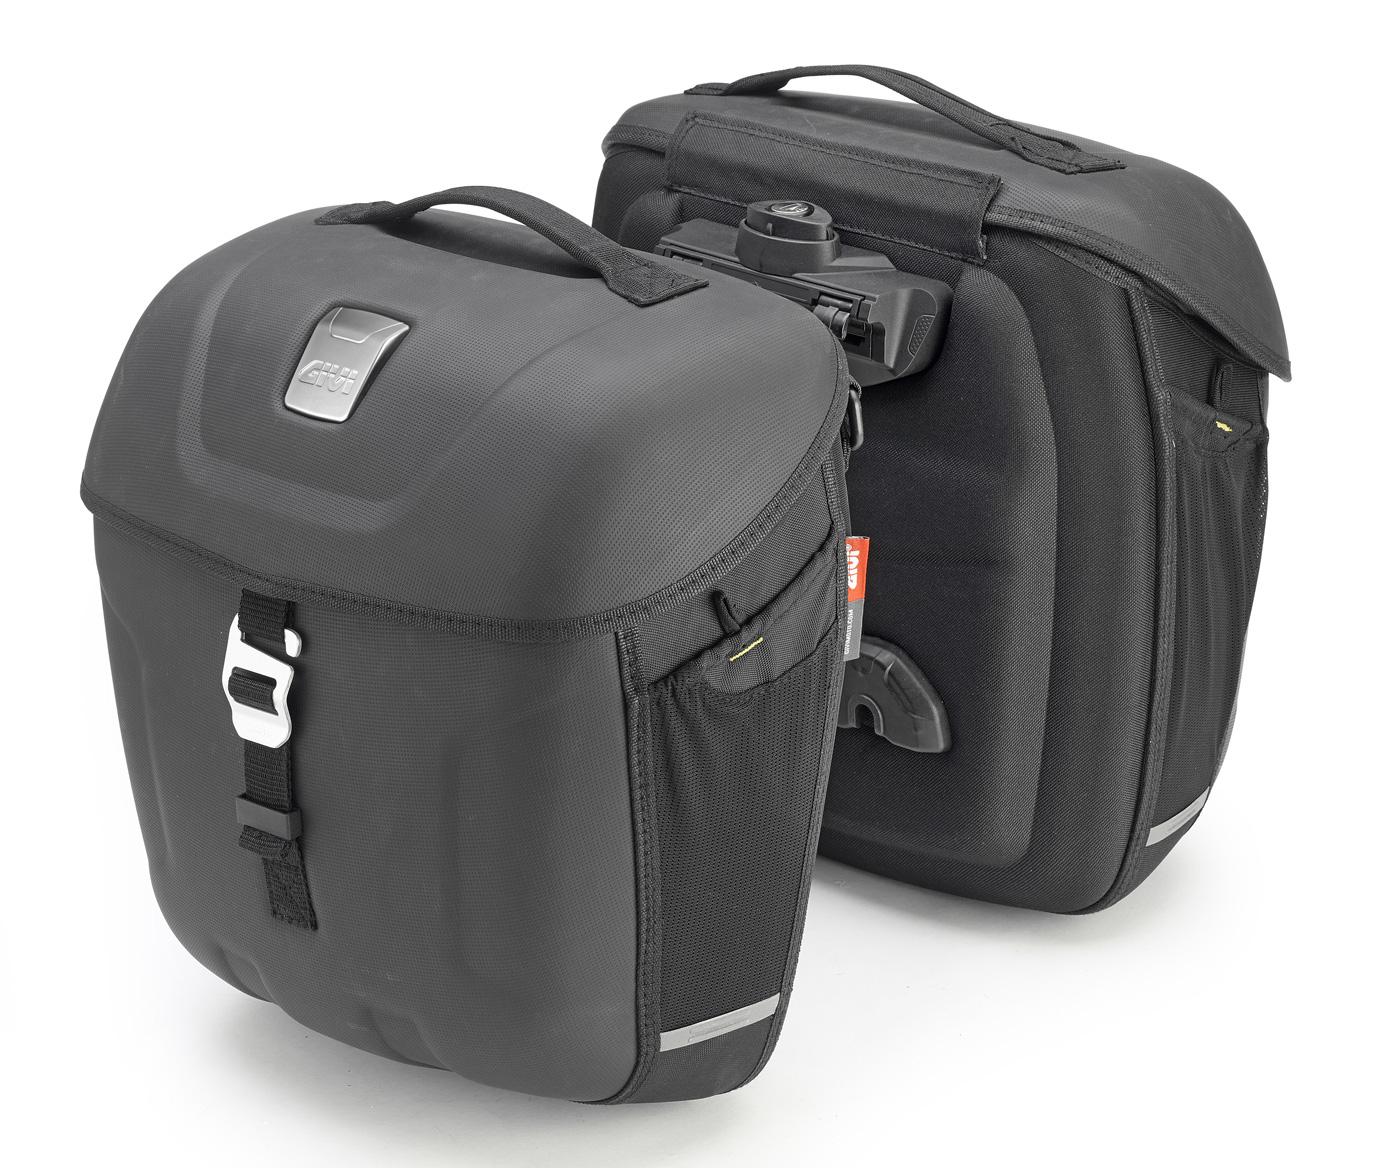 7970edbd Givi Expandable Saddle Bags Metro-T MT501 Multilock, 2 x 18 liters, Rain